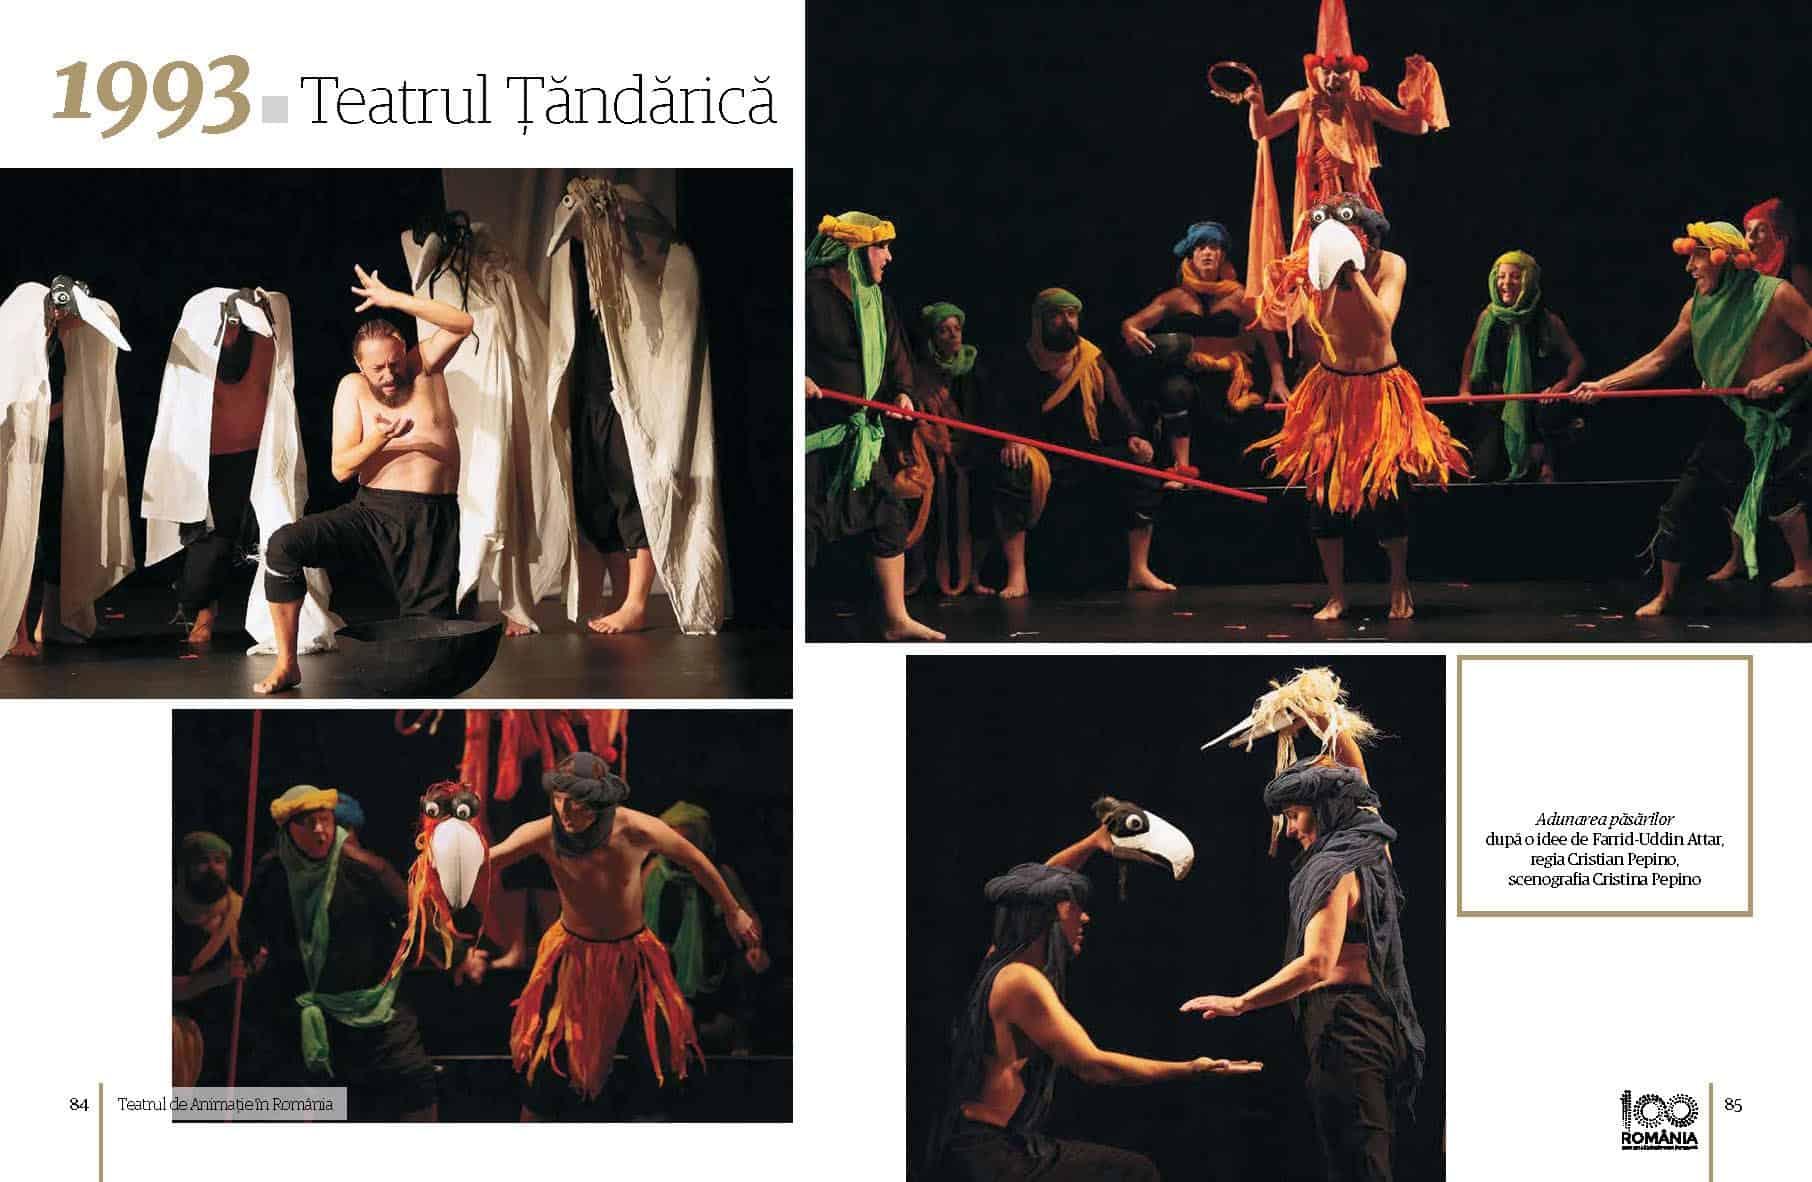 Album Teatrul de Animatie in Romania final preview fata in fata Page 43